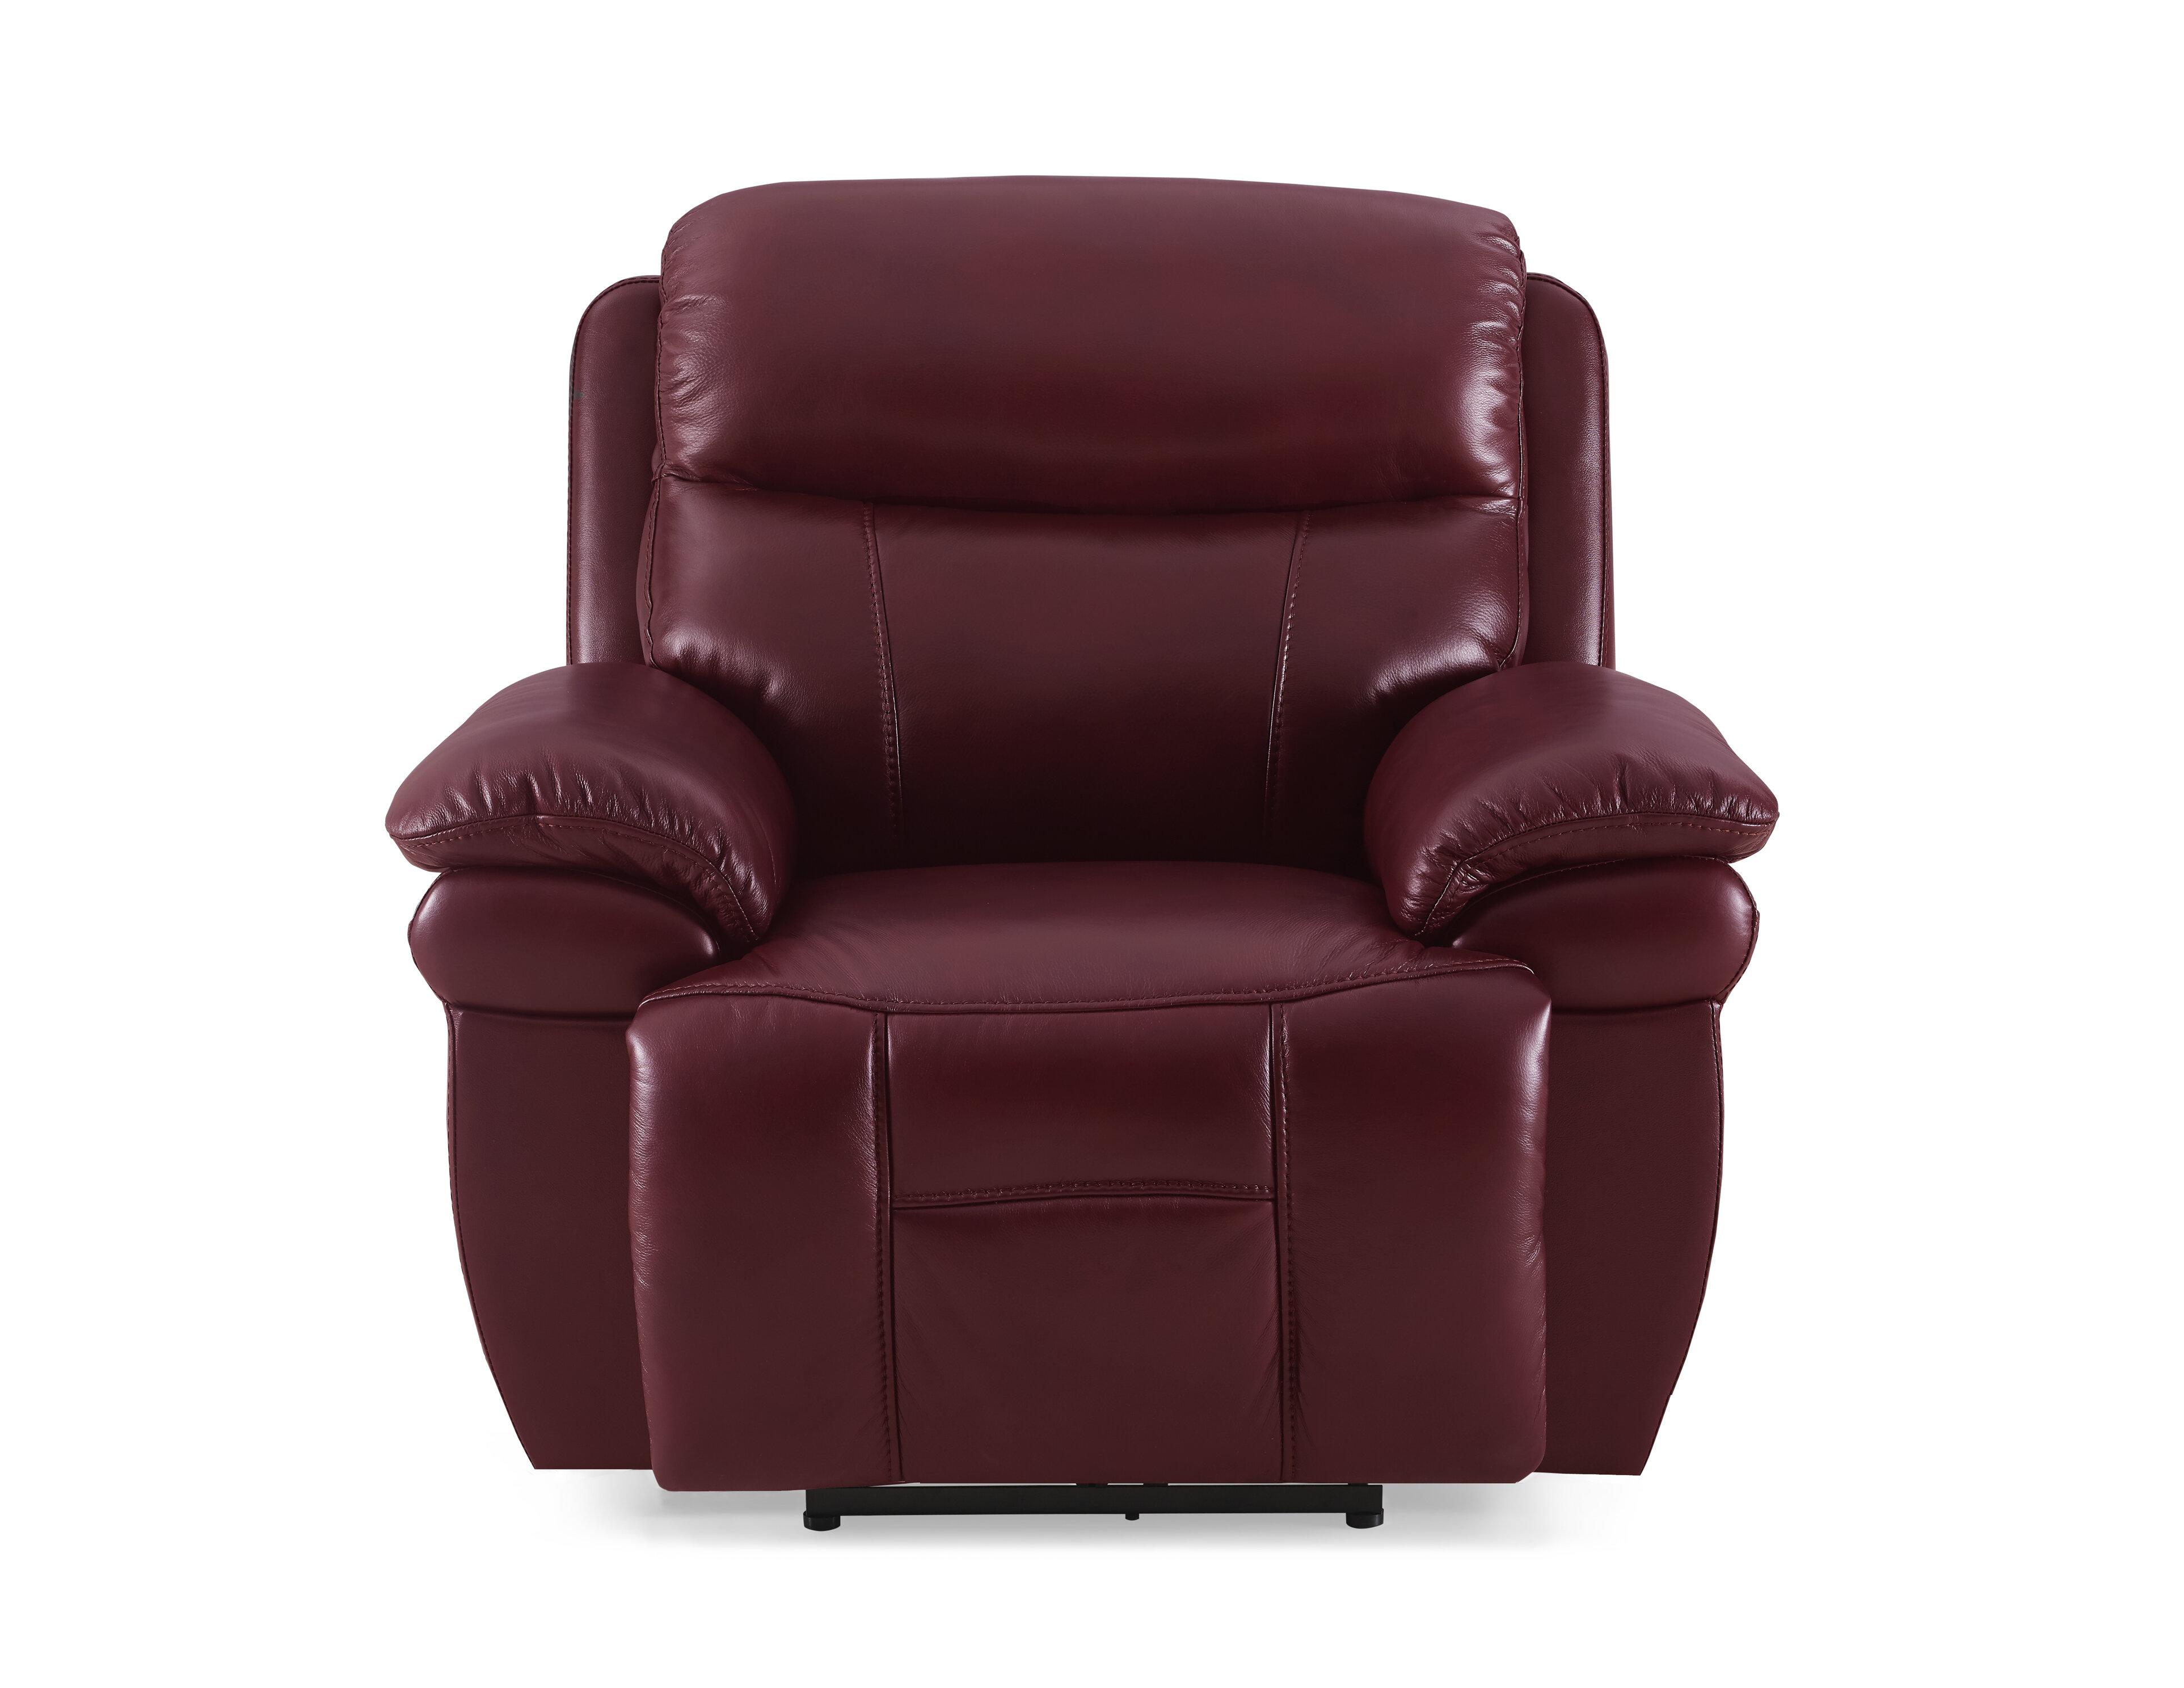 Wundervoll Relaxsessel Elektrisch Verstellbar Galerie Von Hydeline Furniture Verstellbarer Boston Aus Echtleder &